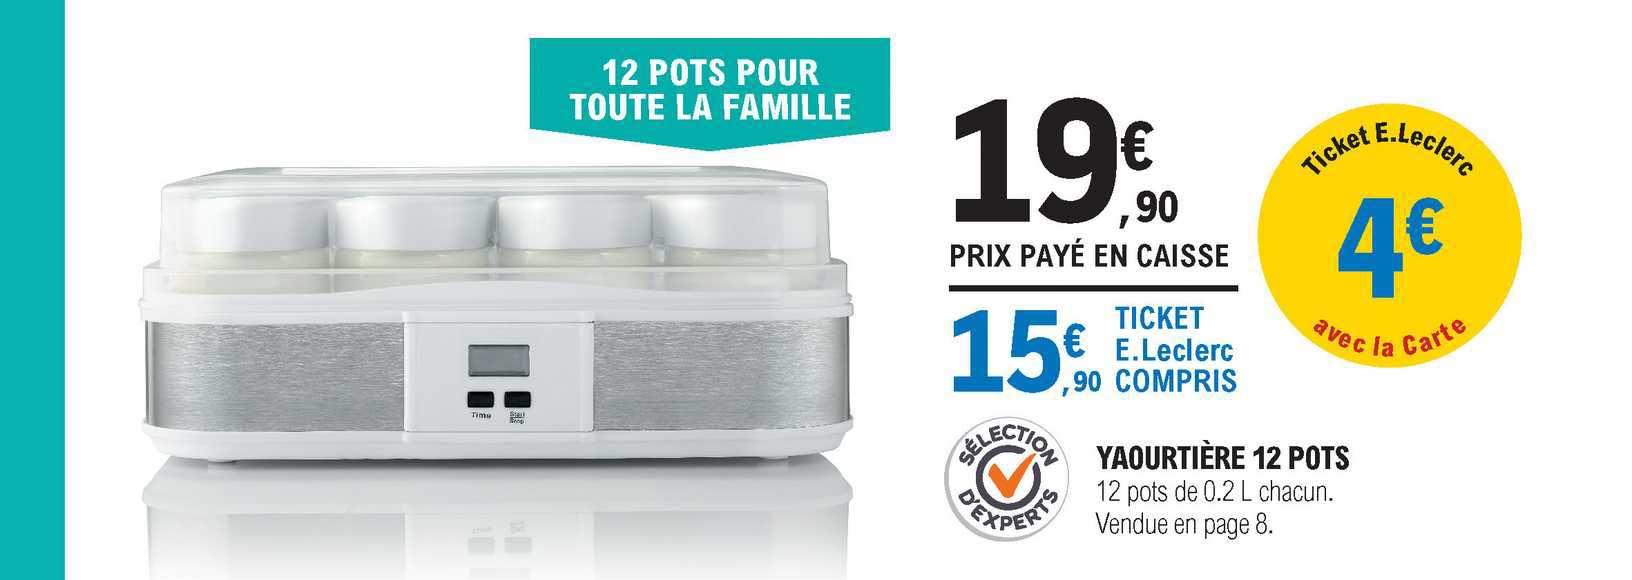 offre yaourtiere 12 pots chez e leclerc